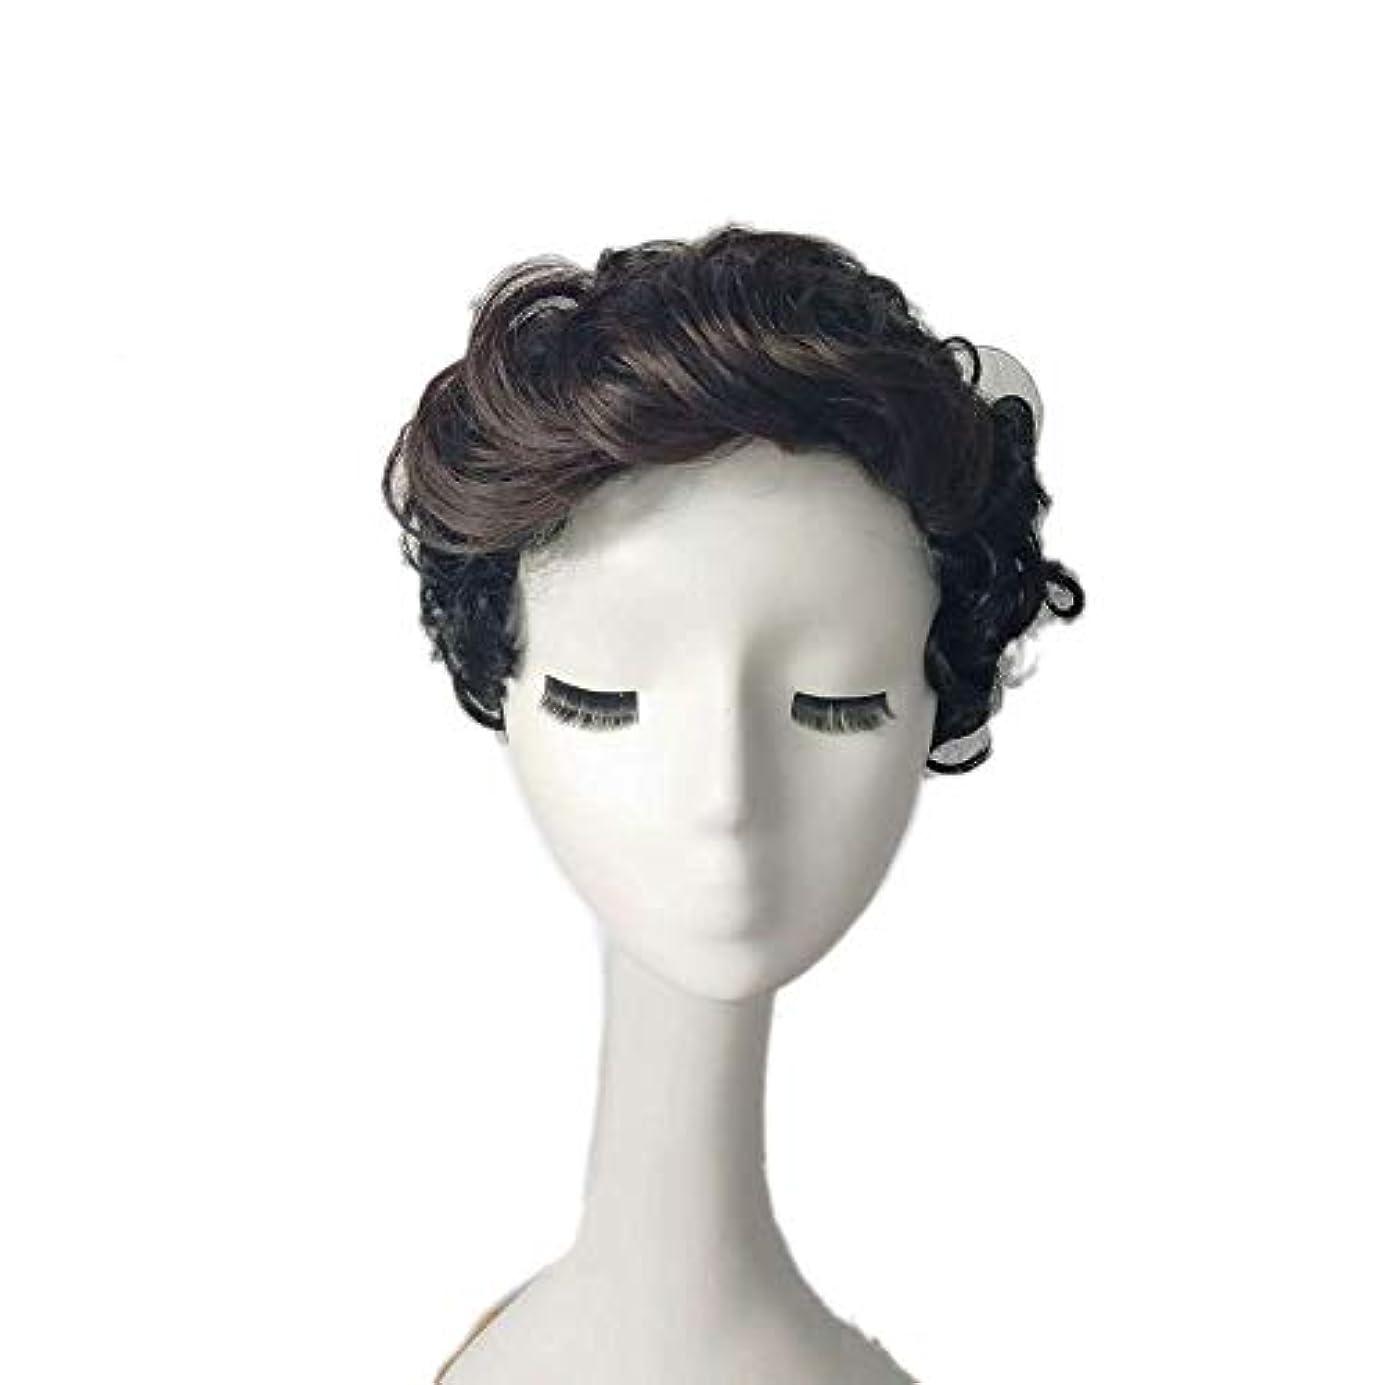 自己尊重半円YOUQIU カーリーウェーブ人工毛ショートボブカーリーヘアウィッグ女性耐熱ファイバーウィッグの場合 (色 : 黒)